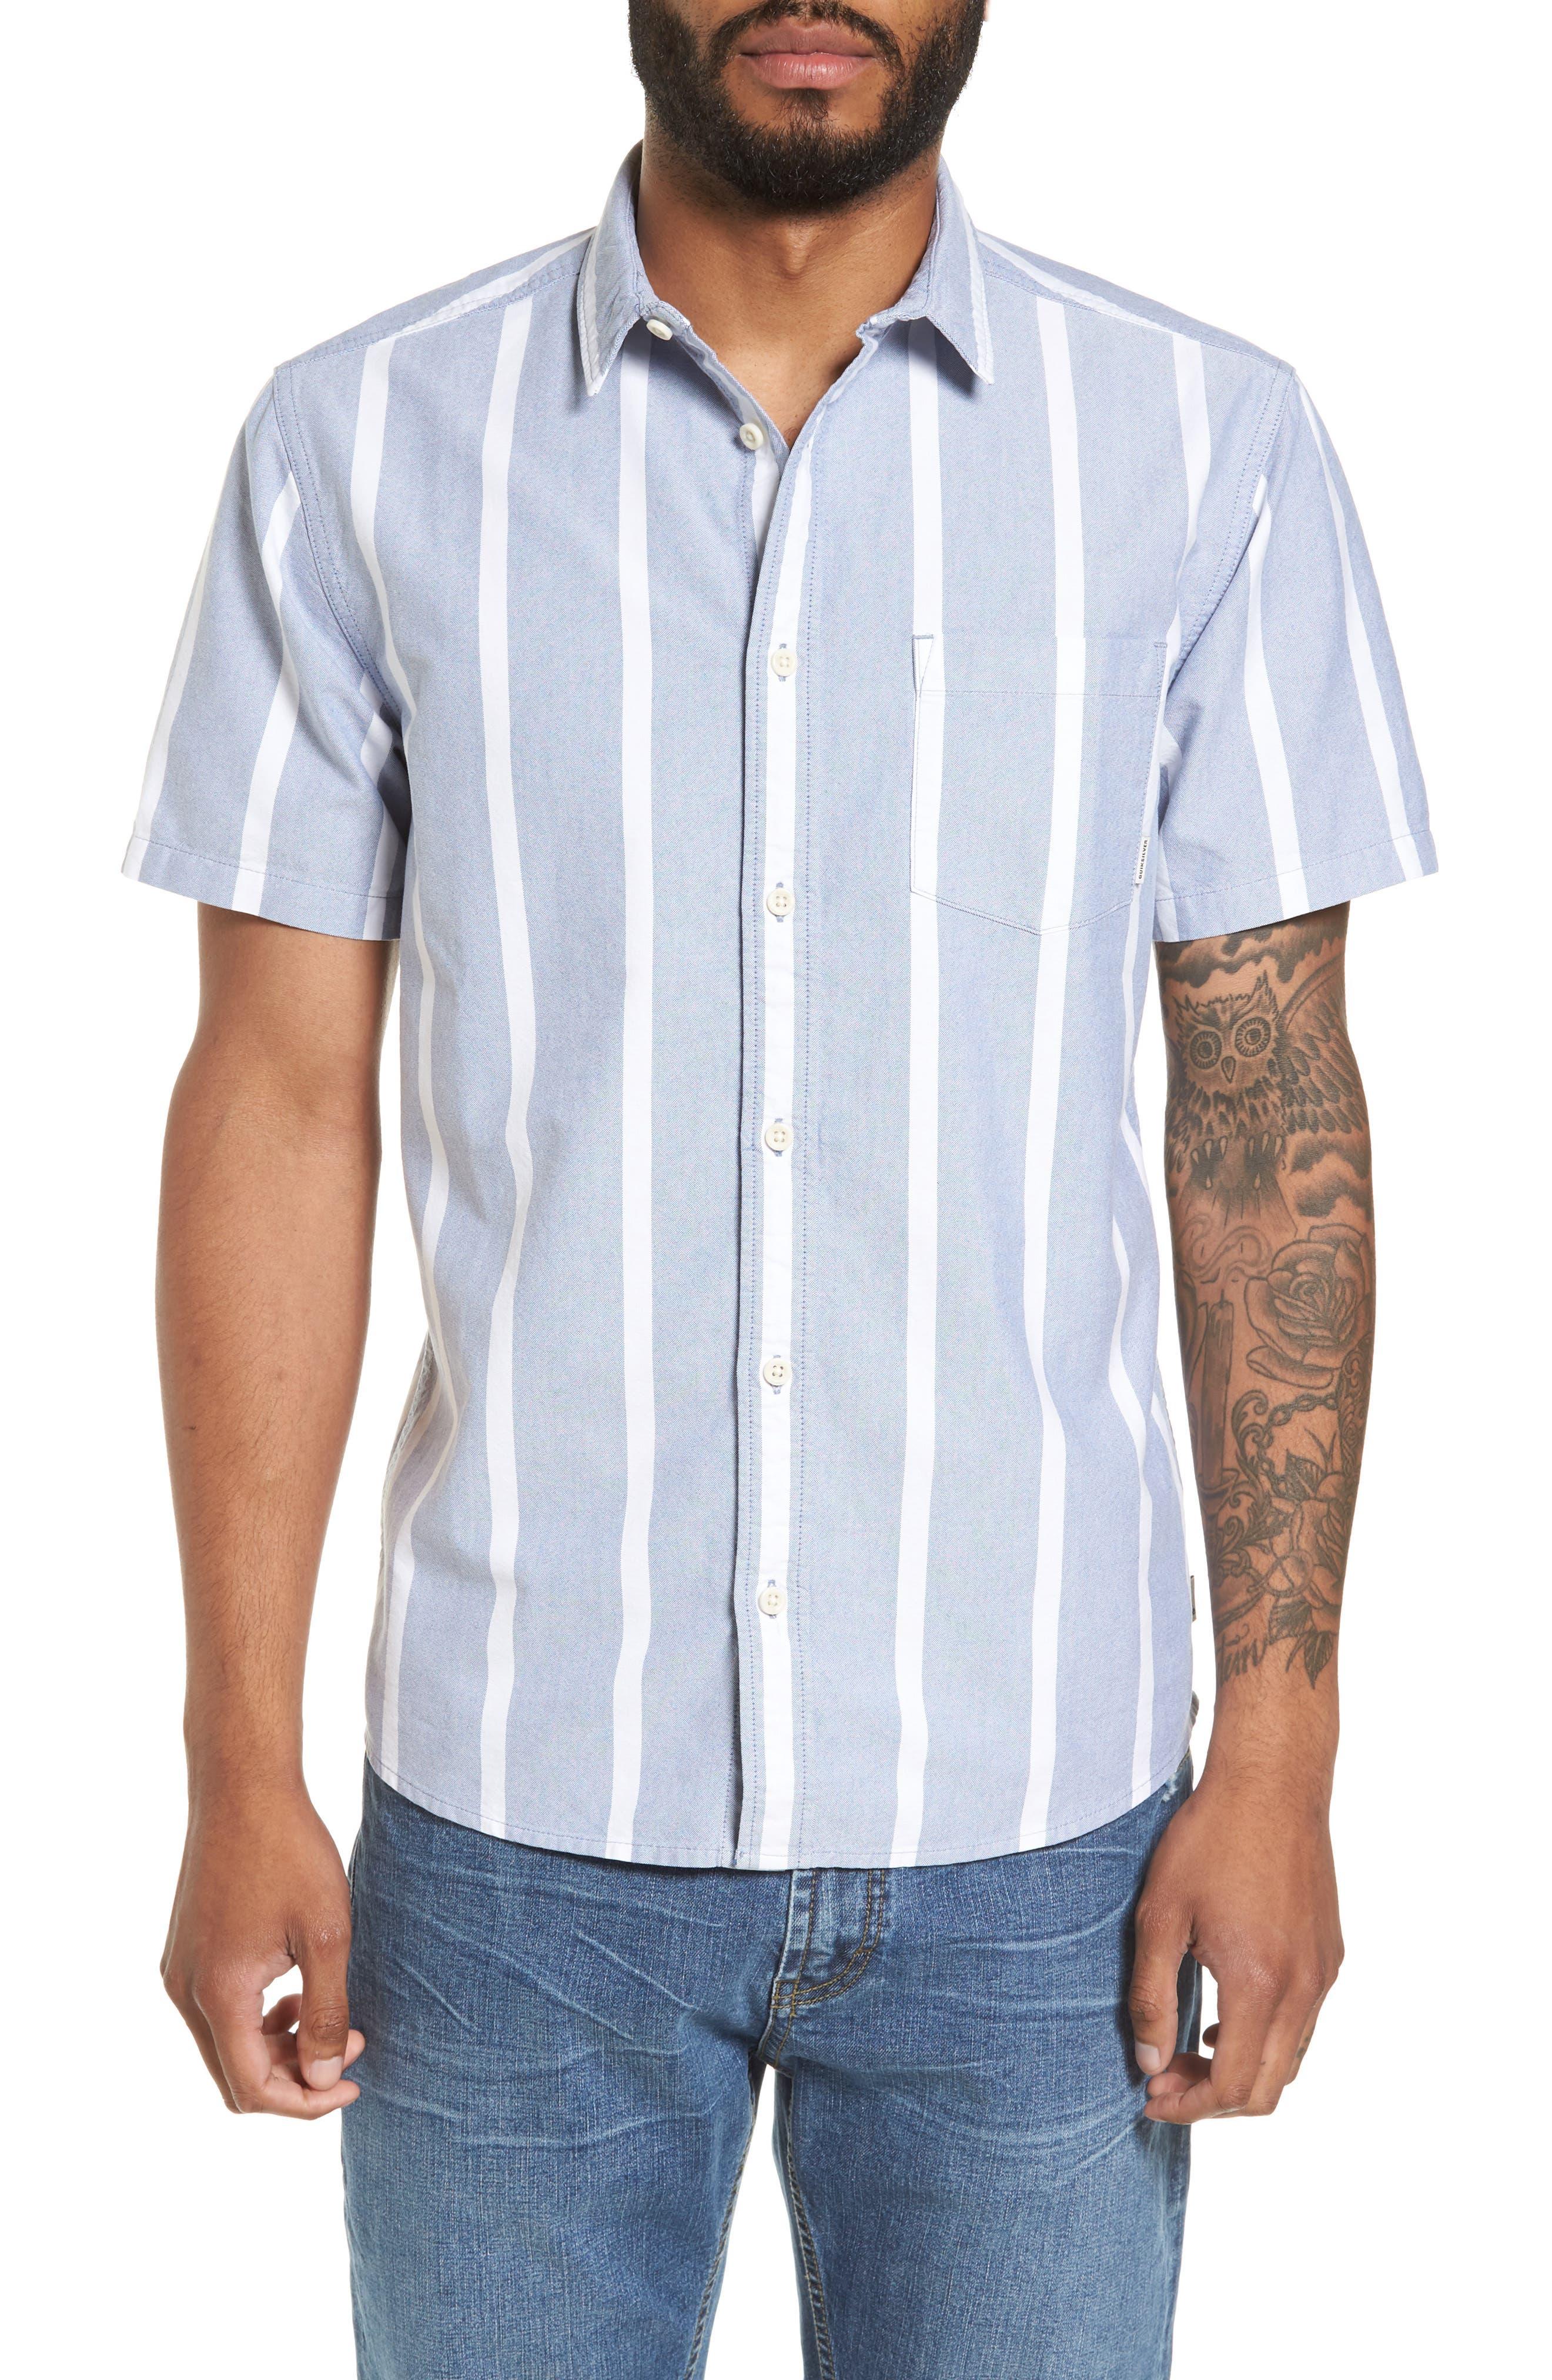 Quiksilver Sulu Arrows Woven Shirt